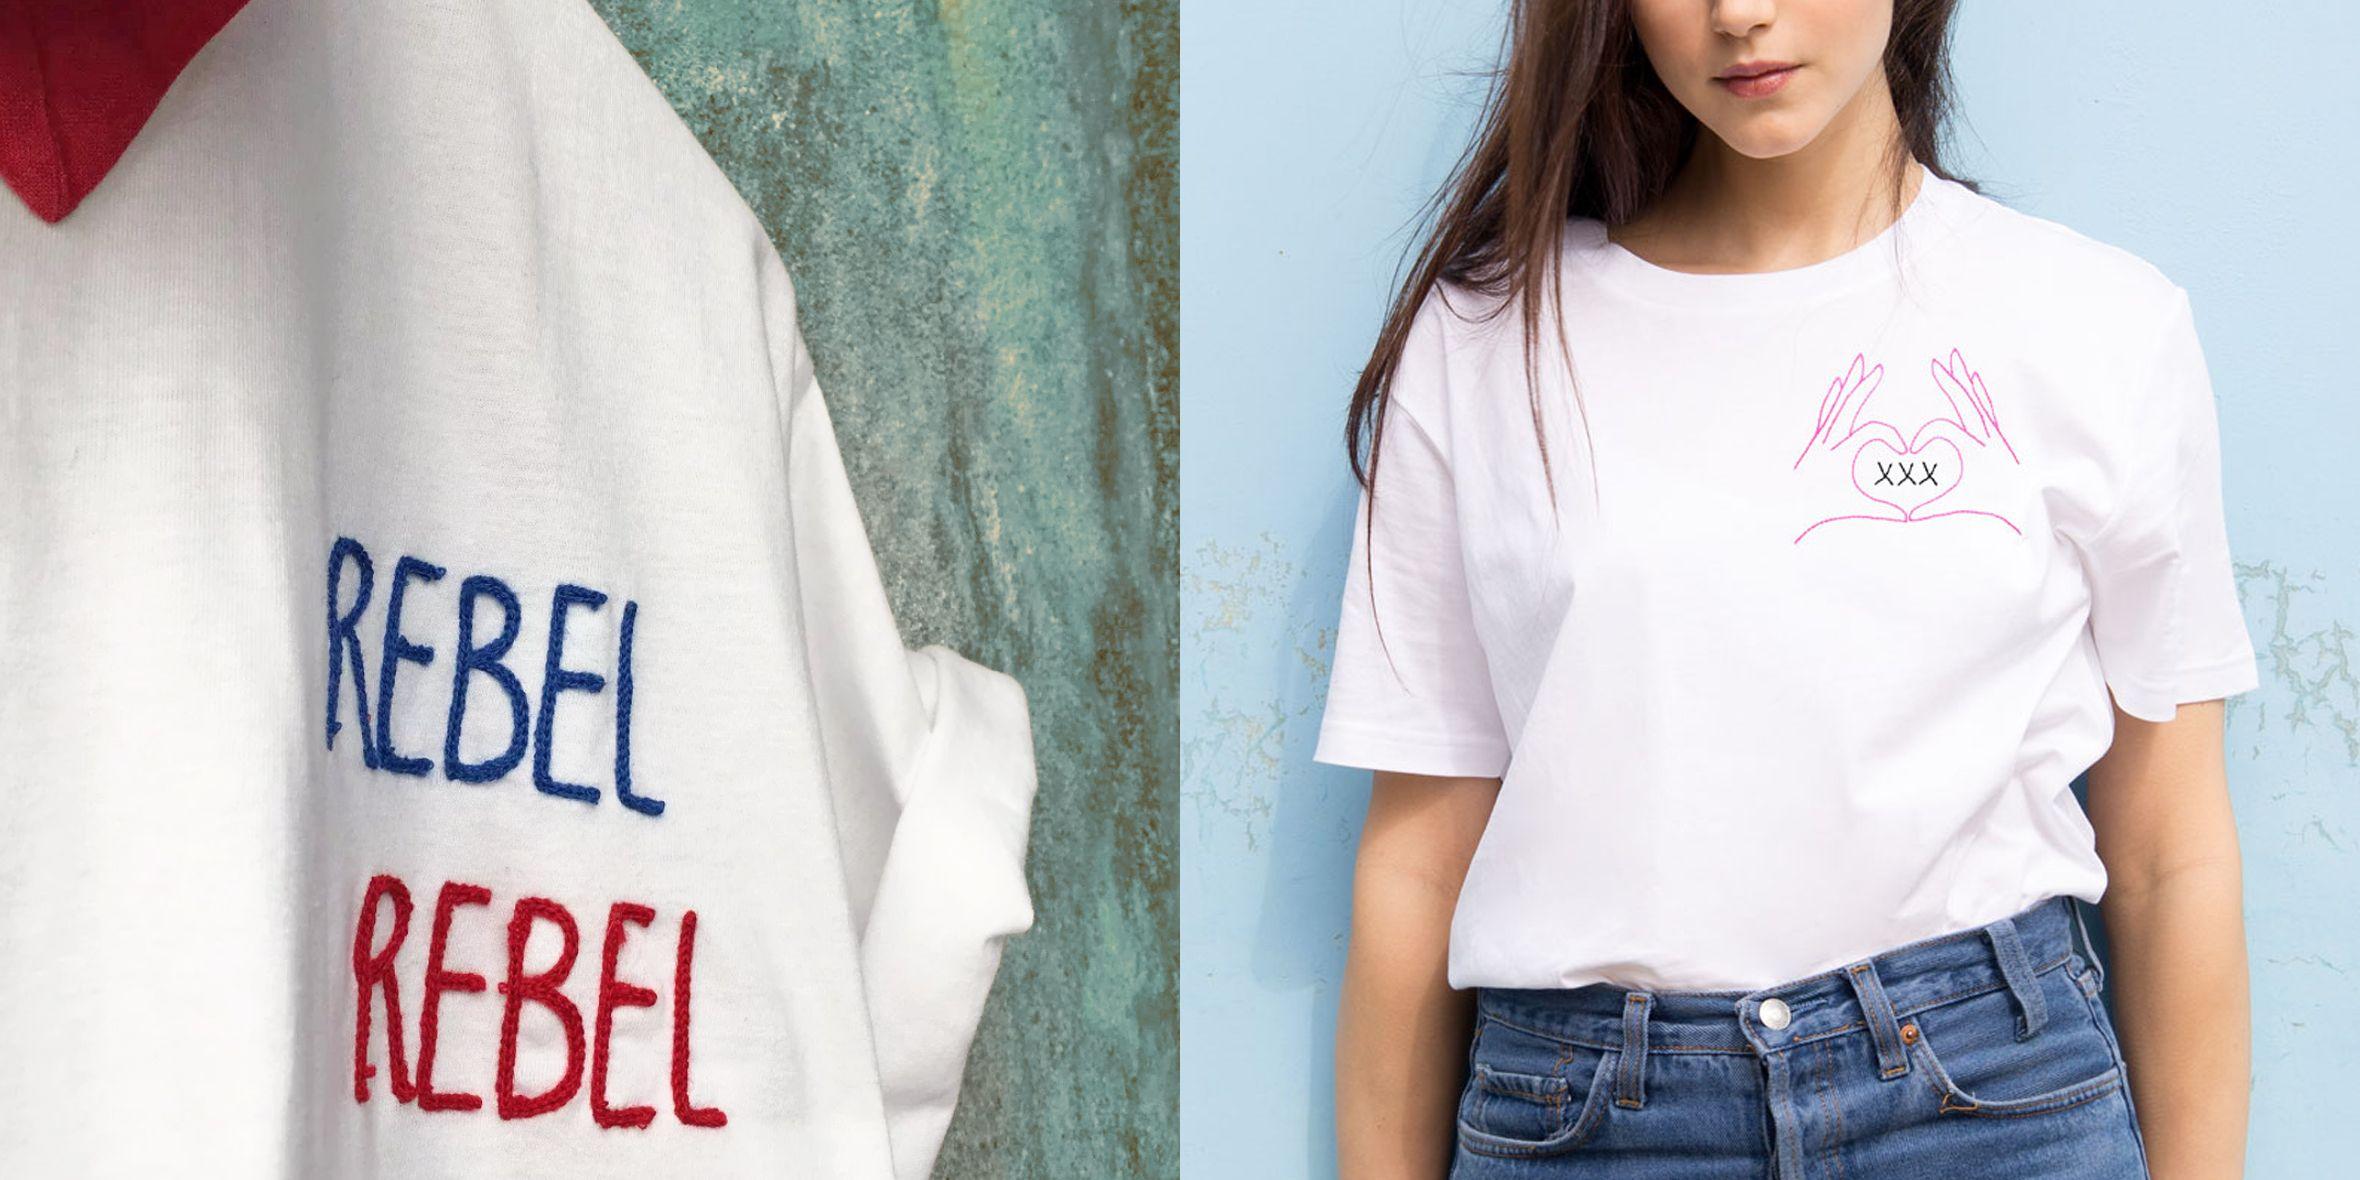 3609ae2394 Le t-shirt personalizzate con i ricami sono di moda